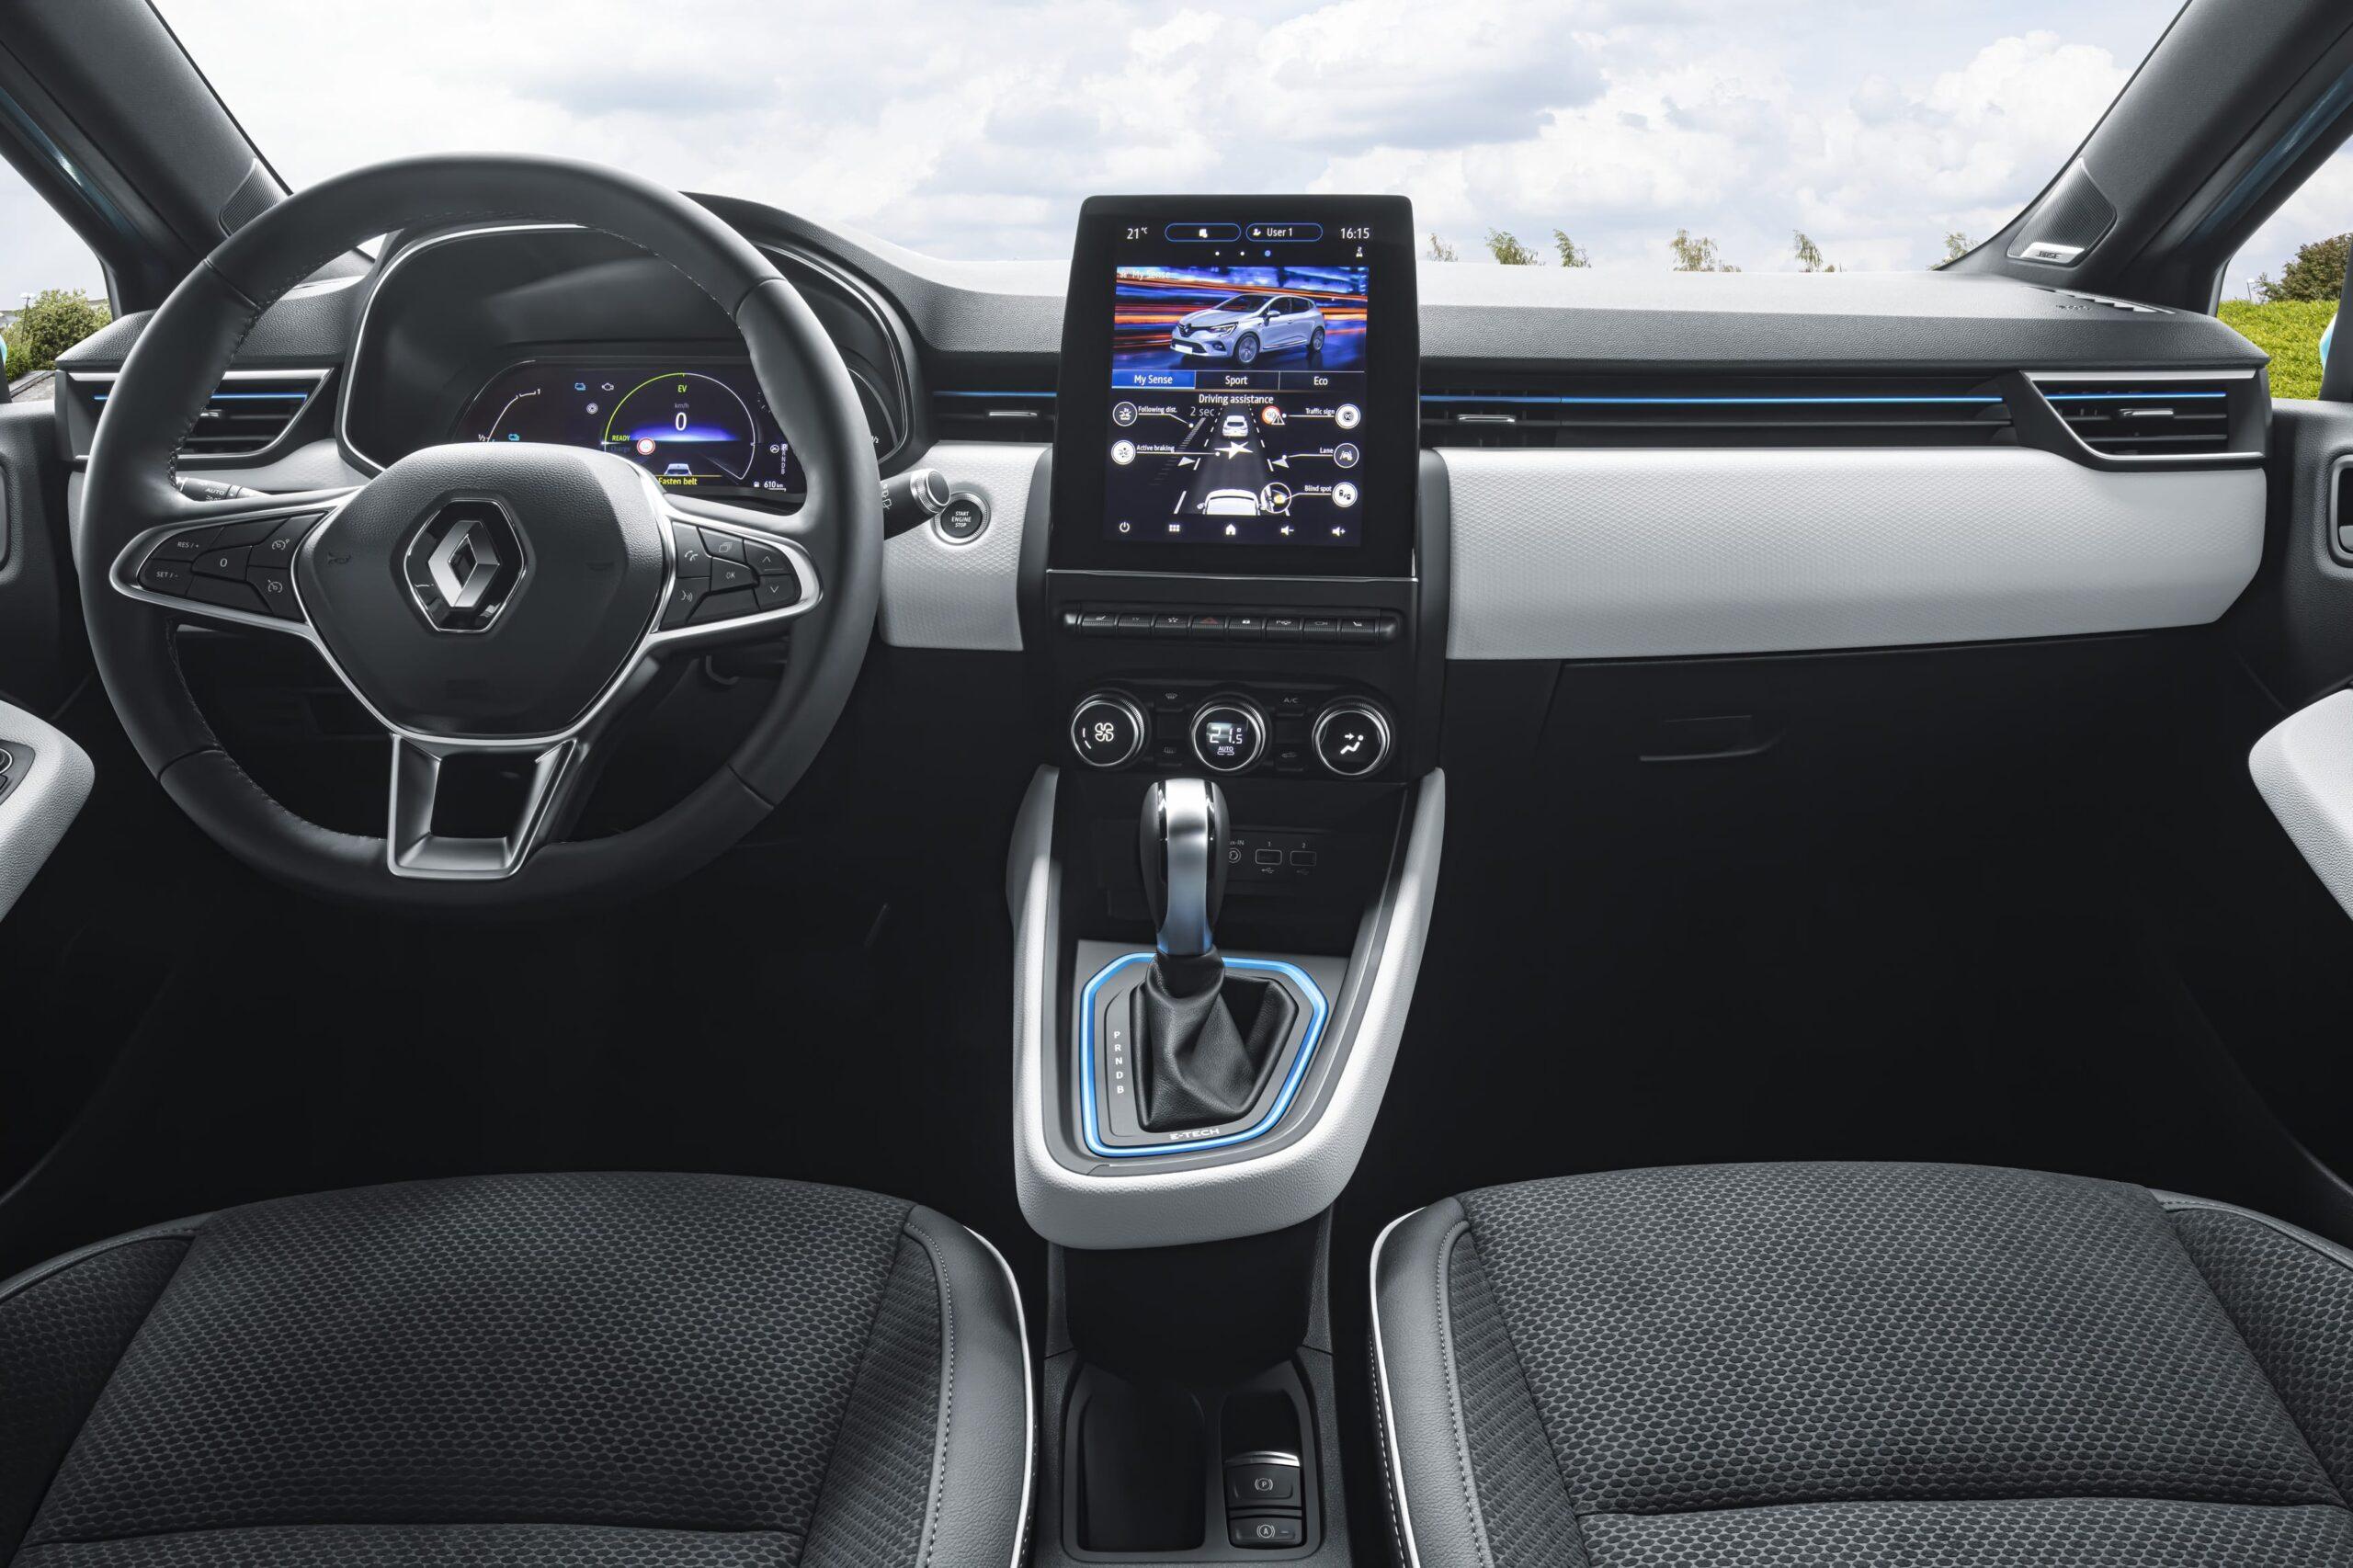 Nuova Clio E-tech Interni